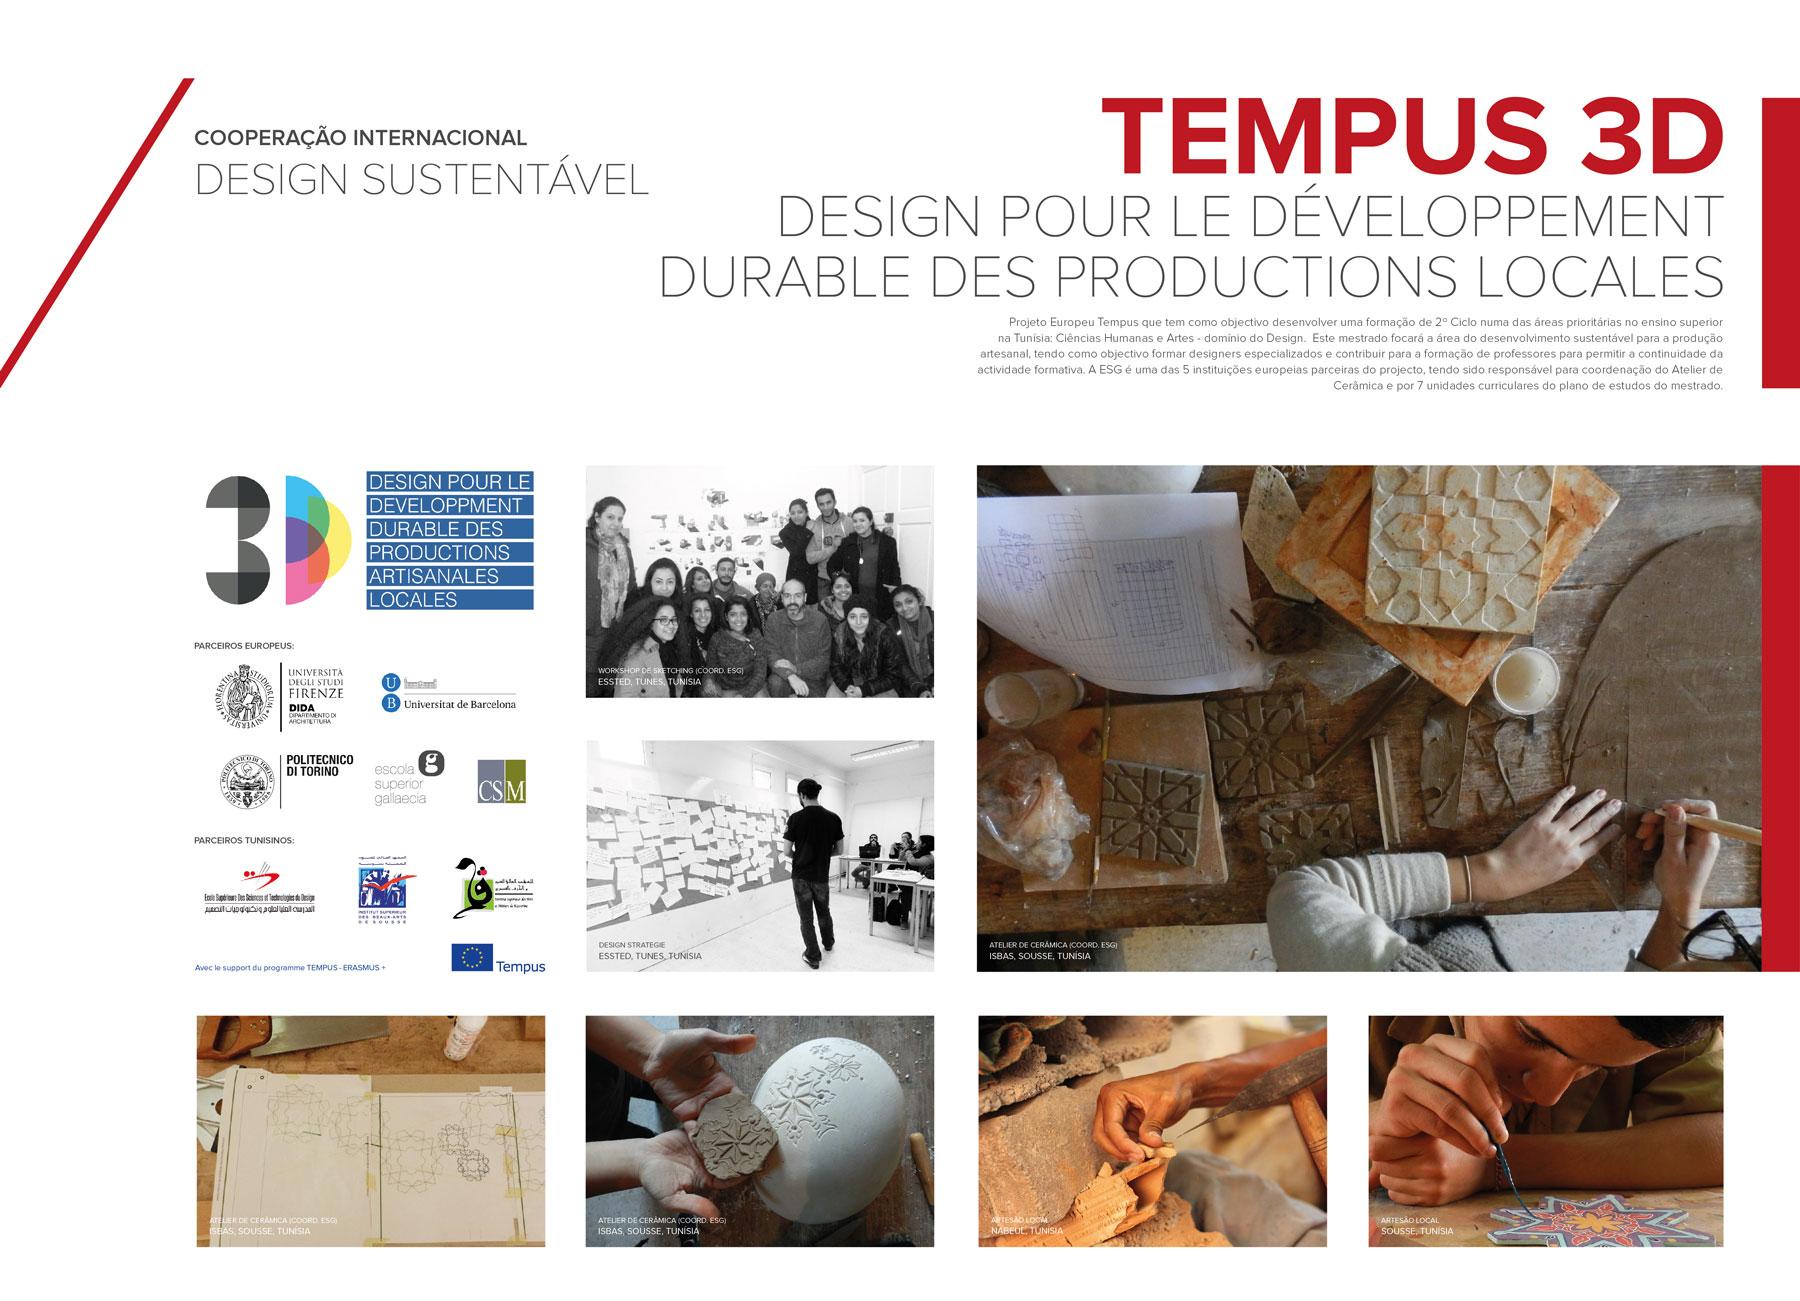 Tempus 3D